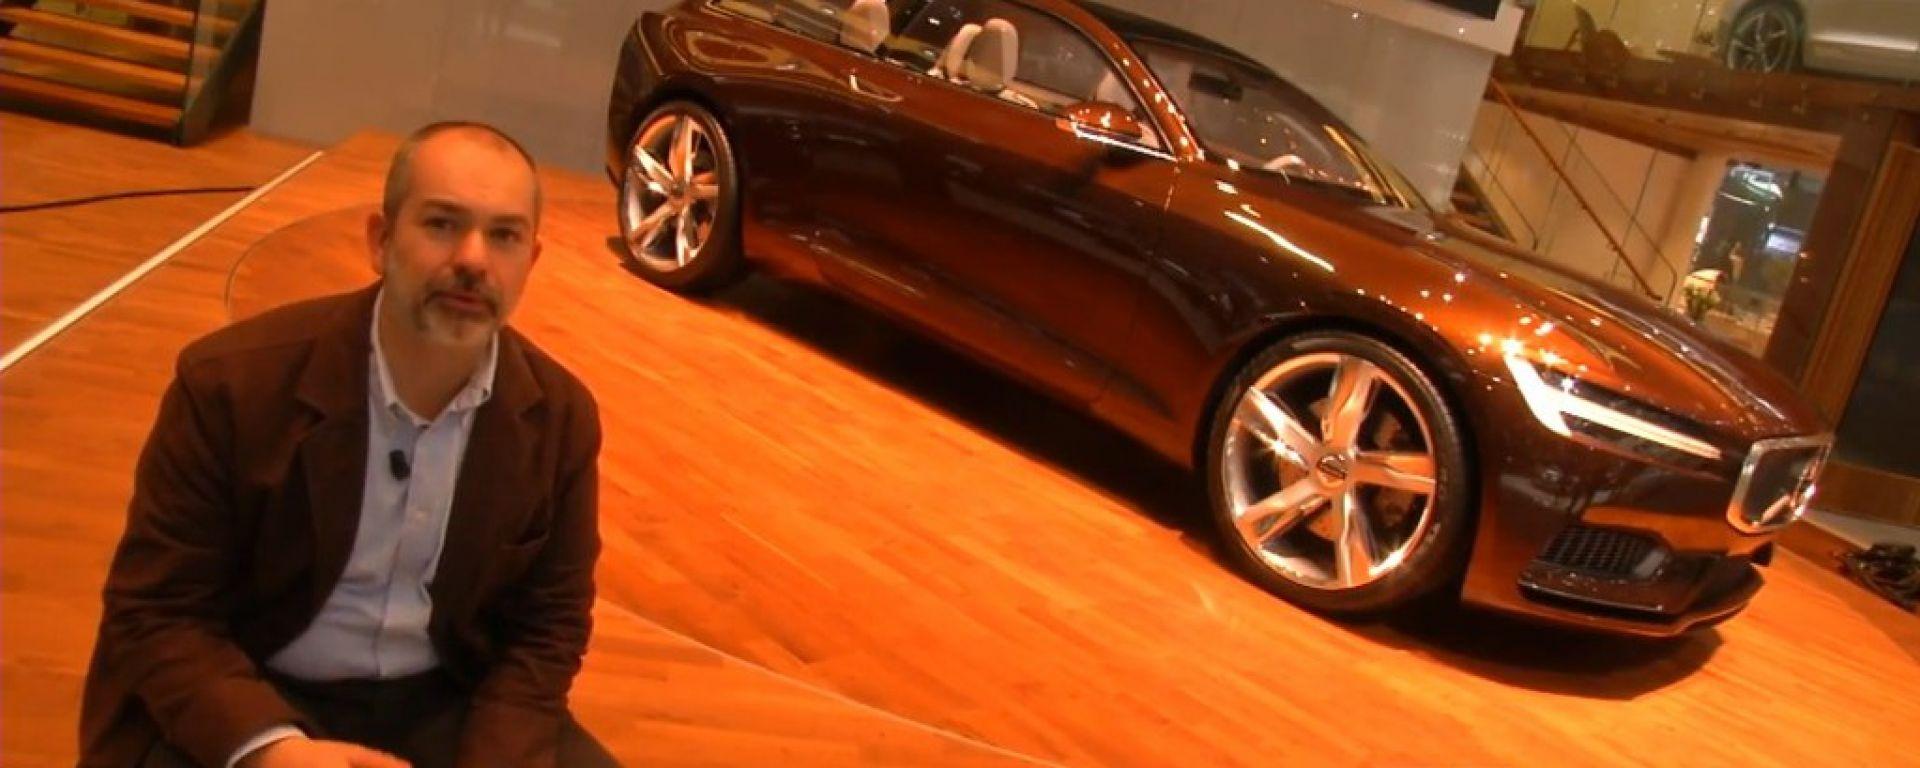 Salone di Ginevra 2014, lo stand Volvo